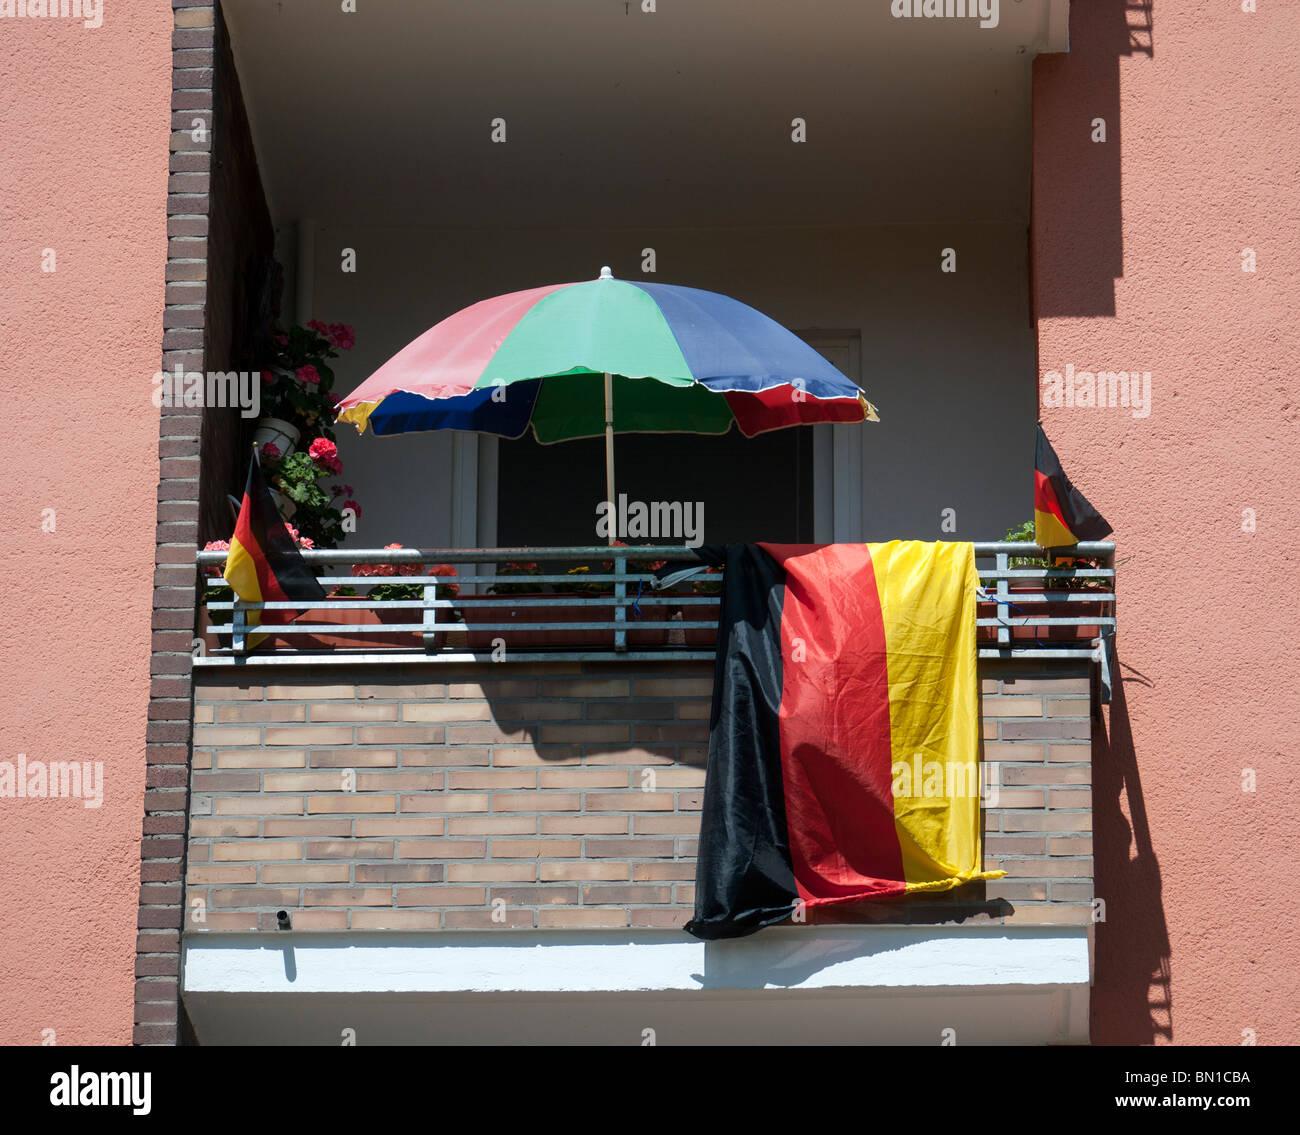 Balkon mit deutscher Flagge und Sonnenschirm während der Fußball WM 2010 in Berlin Deutschland Stockbild